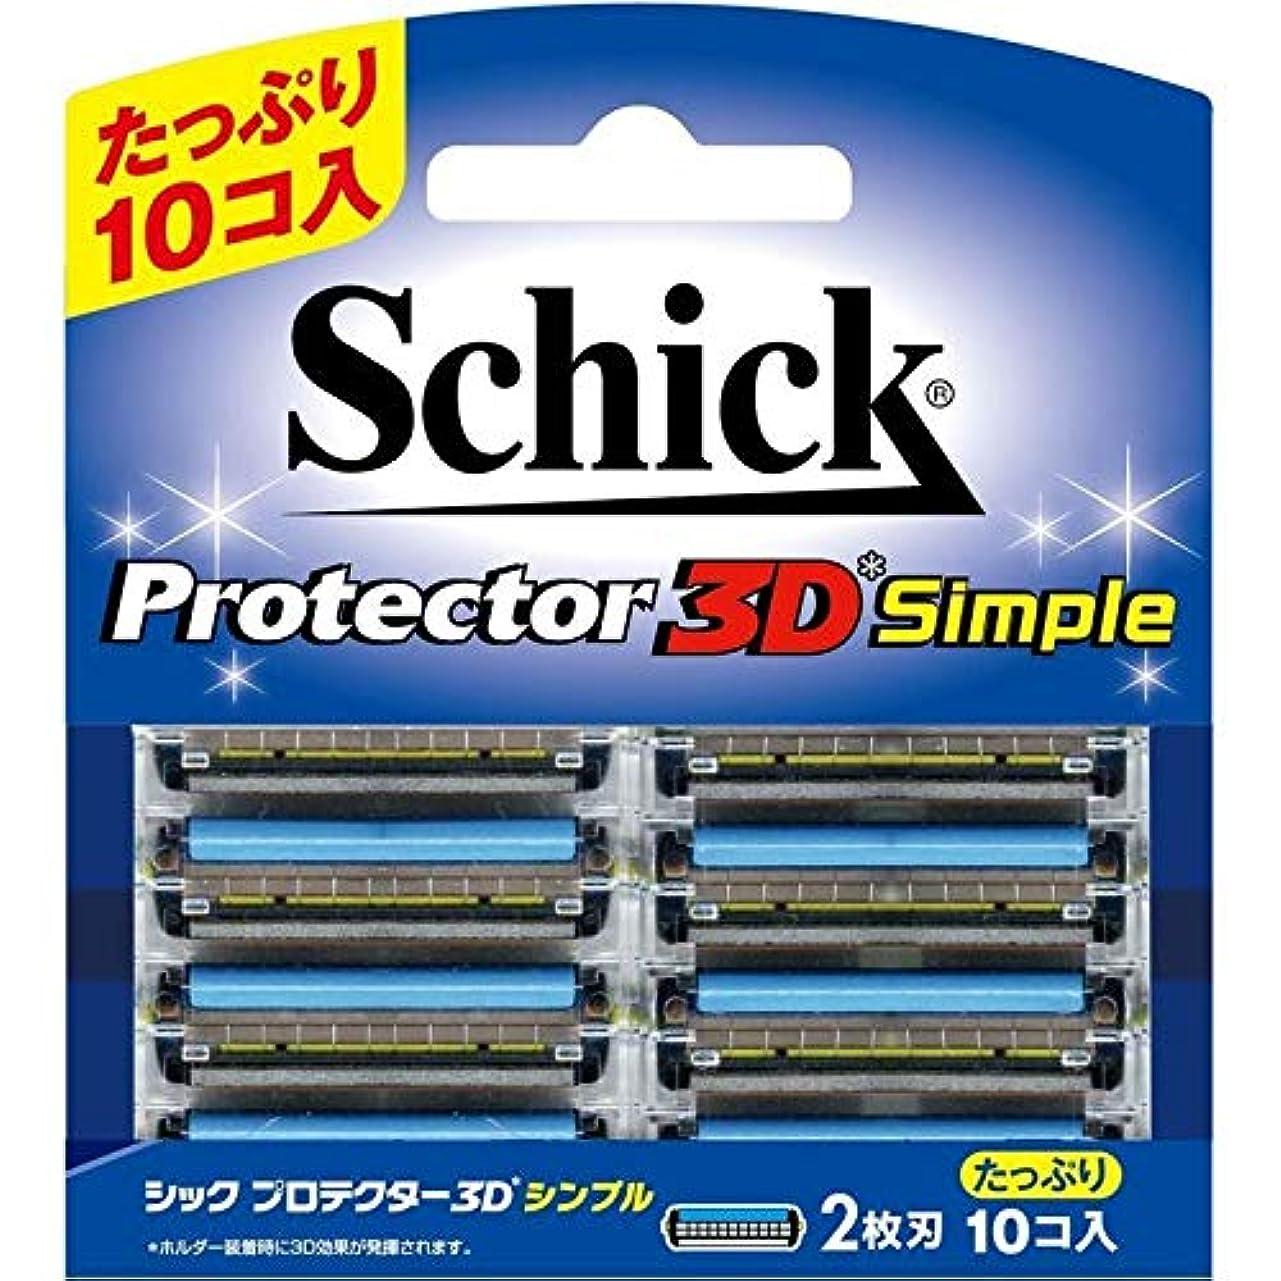 達成ずらすペッカディロシック プロテクター3D シンプル 替刃 (10コ入) 男性用カミソリ 4個セット